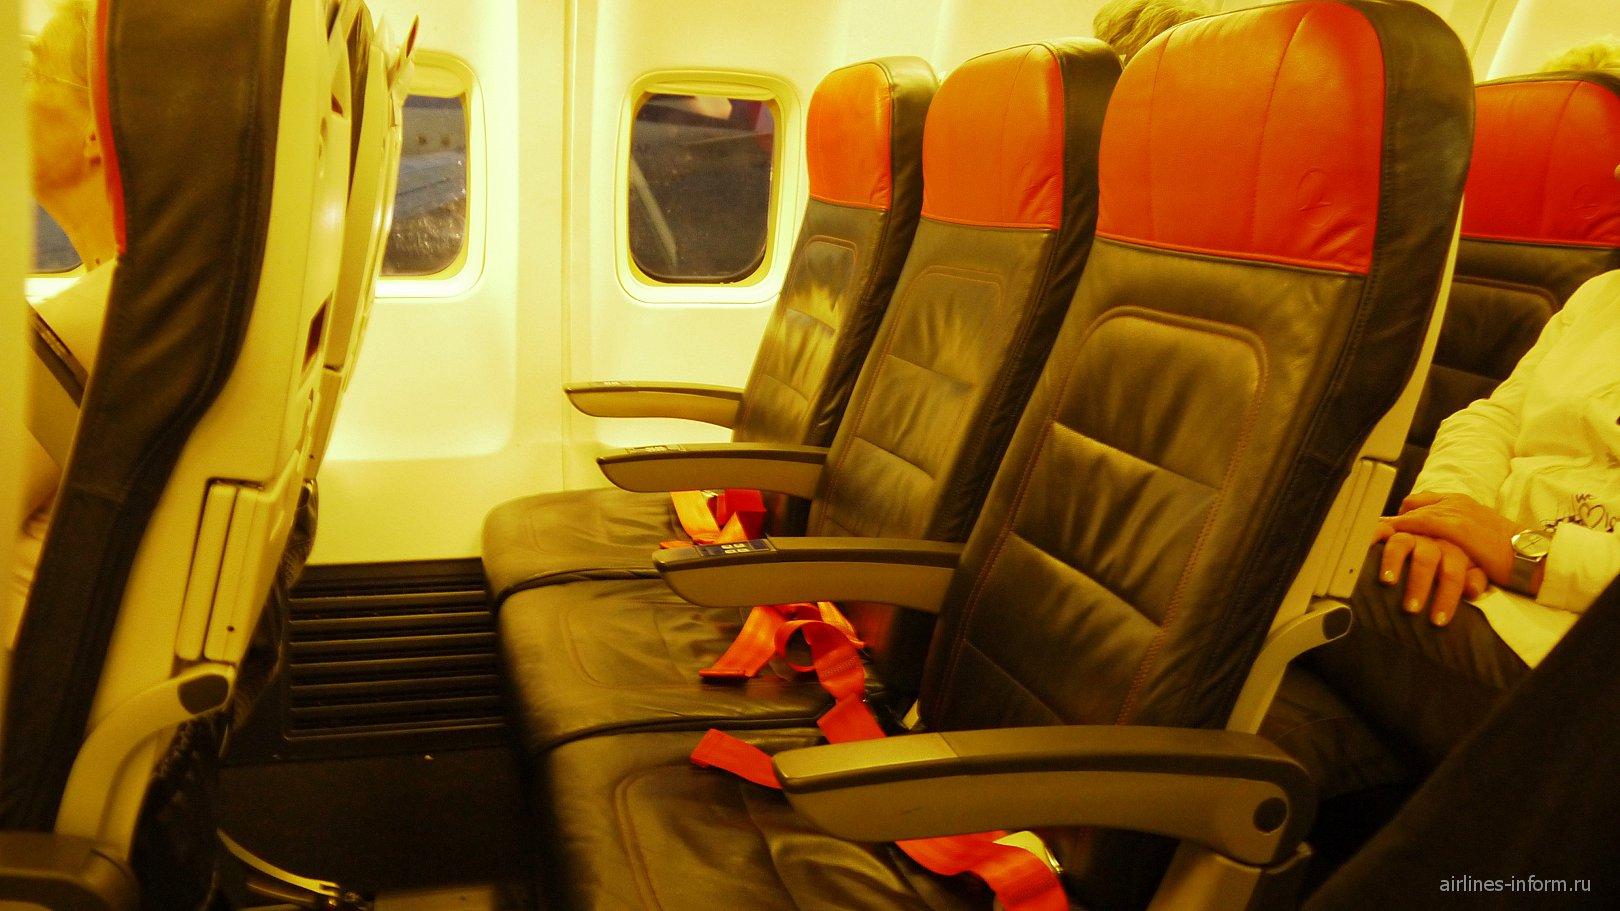 Пассажирские кресла в самолете Боинг-737-800 Турецких авиалиний